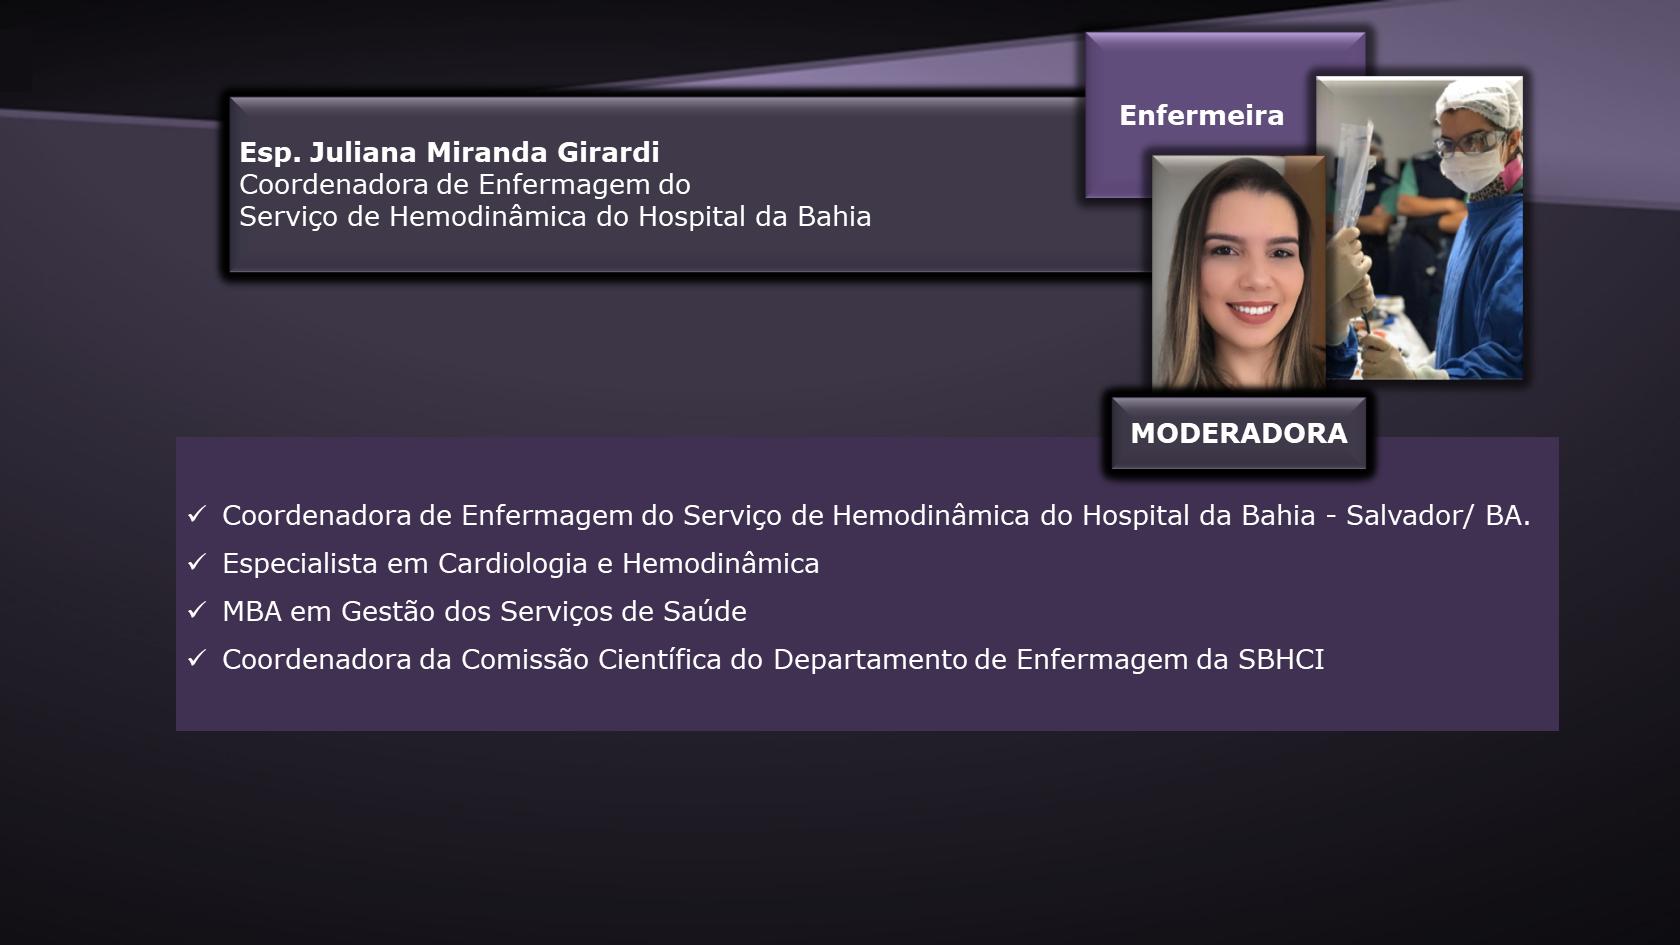 1 Esp. Juliana Girardi